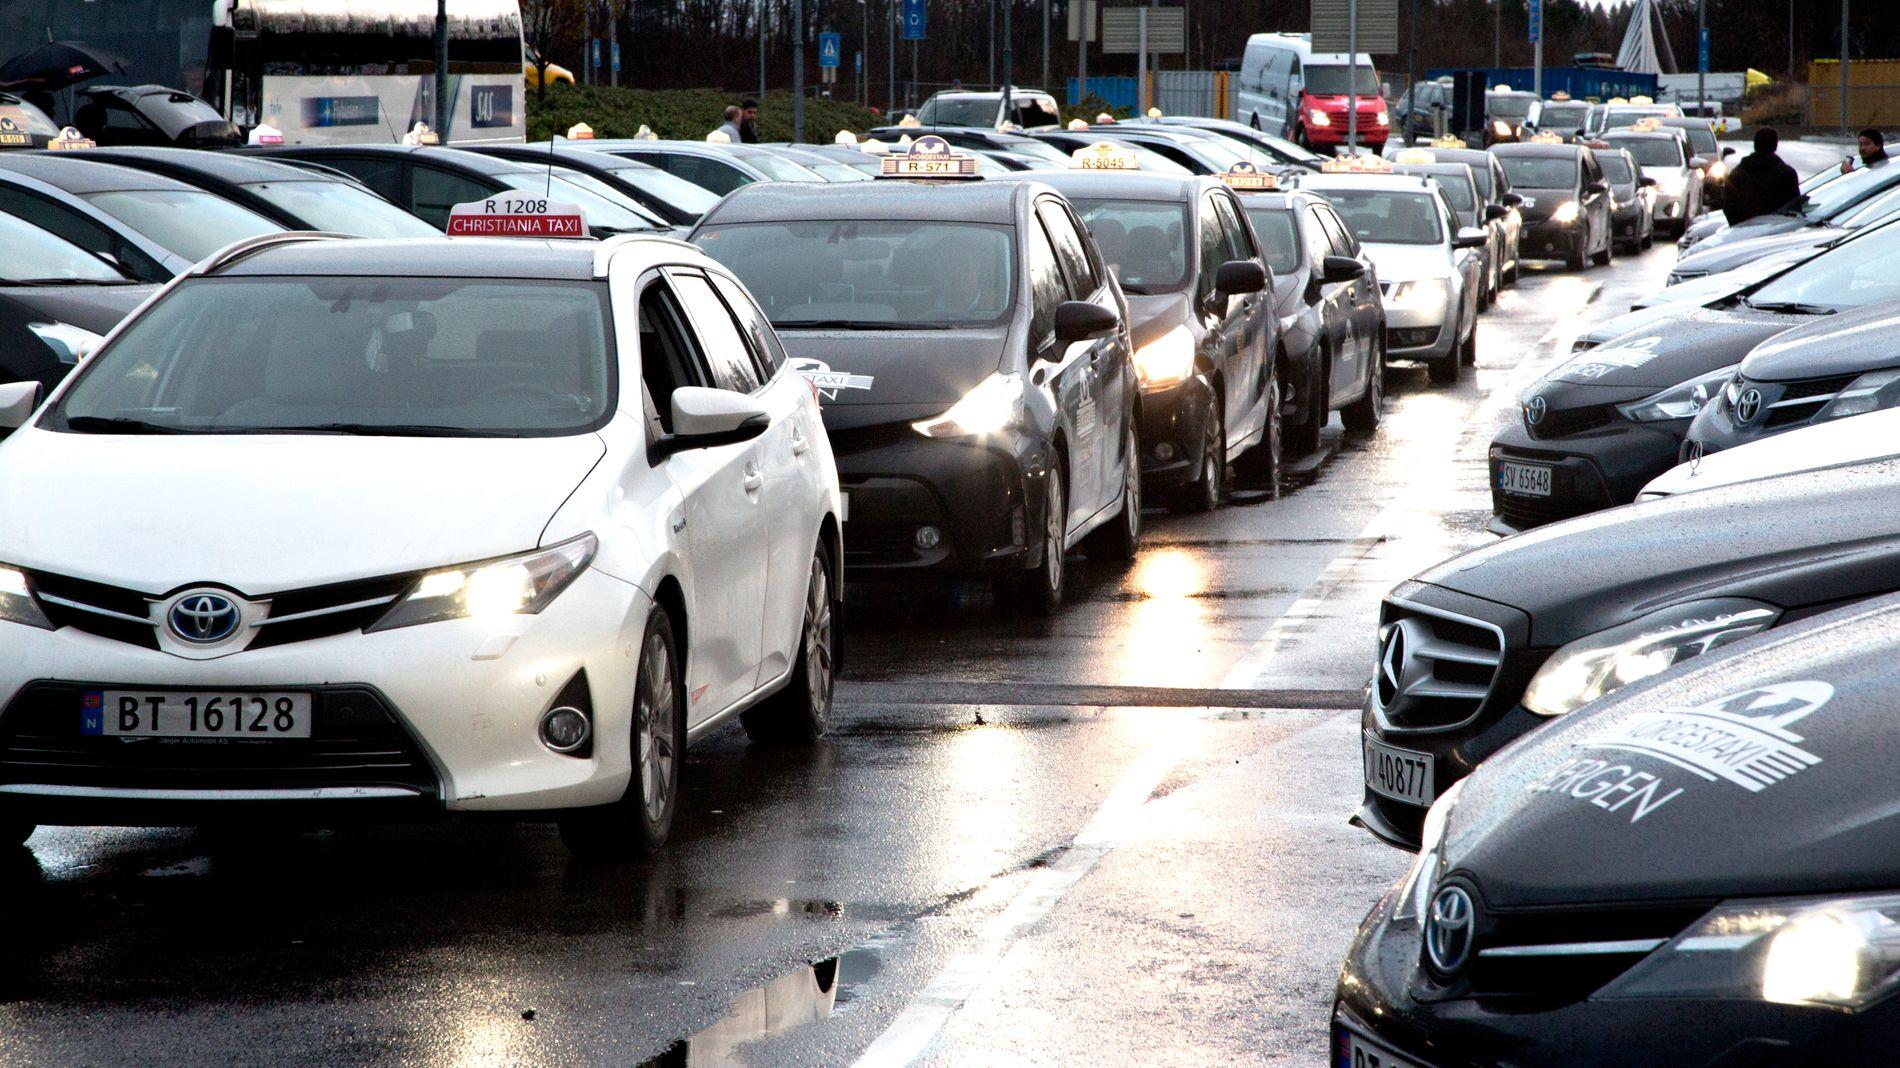 KONSTRUERT SKILLE: Skutle forsøker å skape skille mellom drosjeeiere og ansatte sjåfører, og underslår at drosjeeierne selv er sjåfører, skriver innsender.